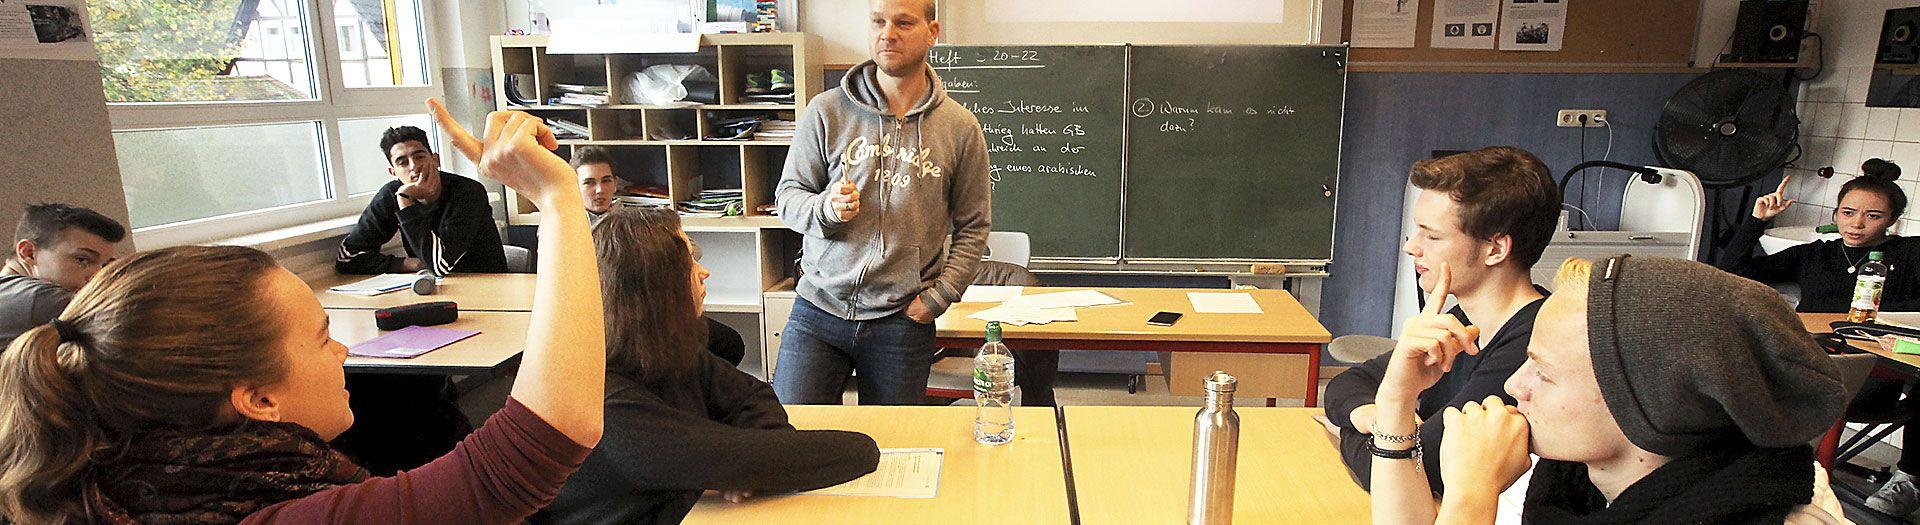 schüler im klassenraum in dem internat landschulheim steinmühle in marburg, hessen